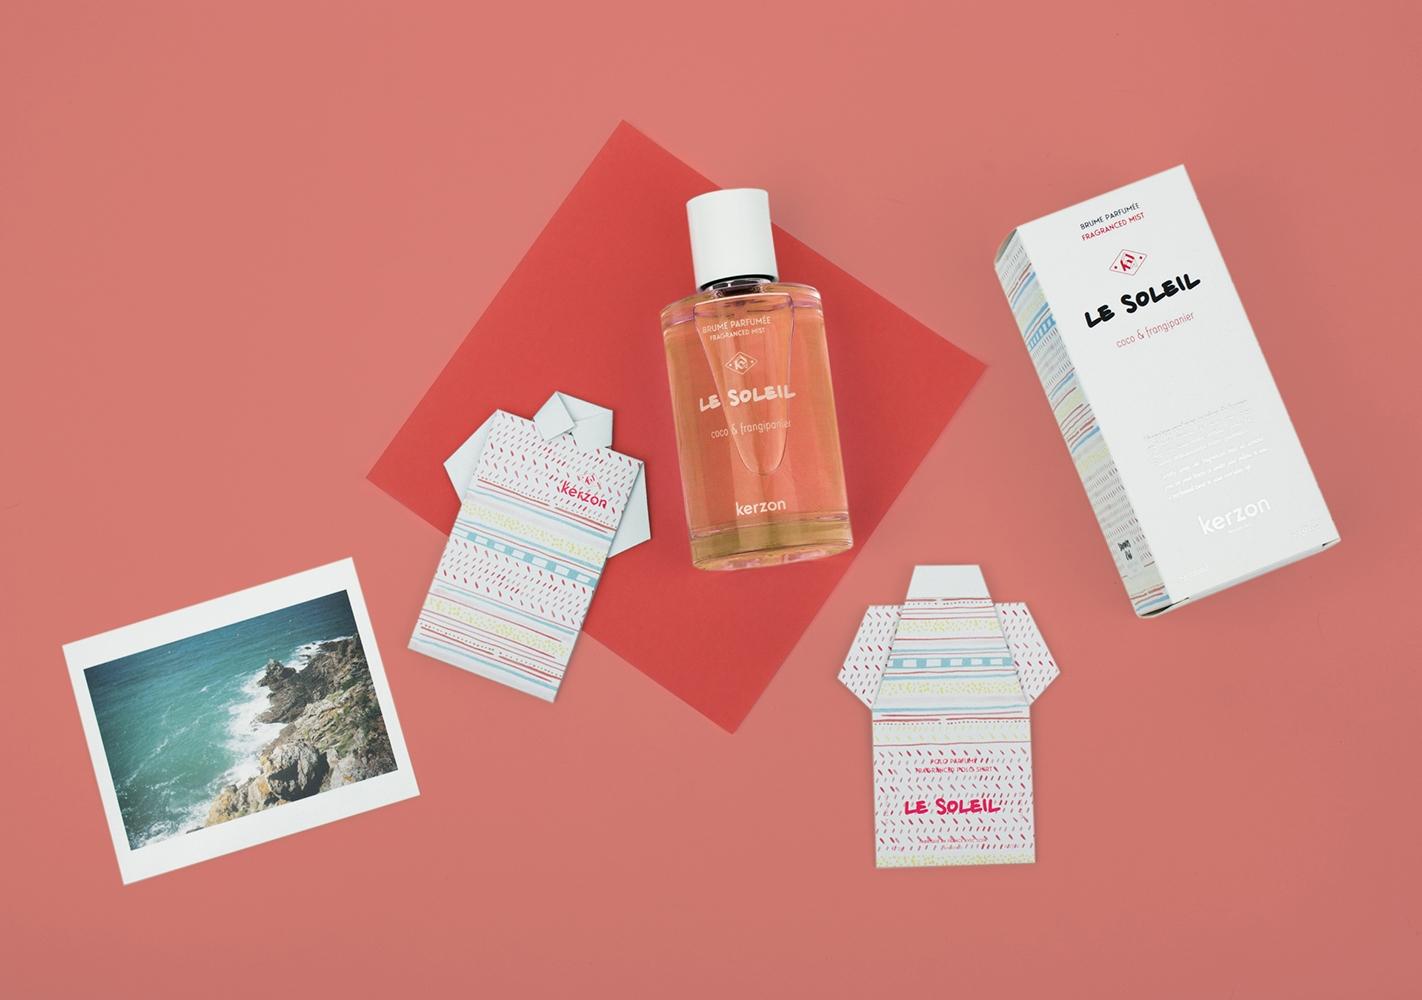 Sachet parfumé Le Soleil - KERZON